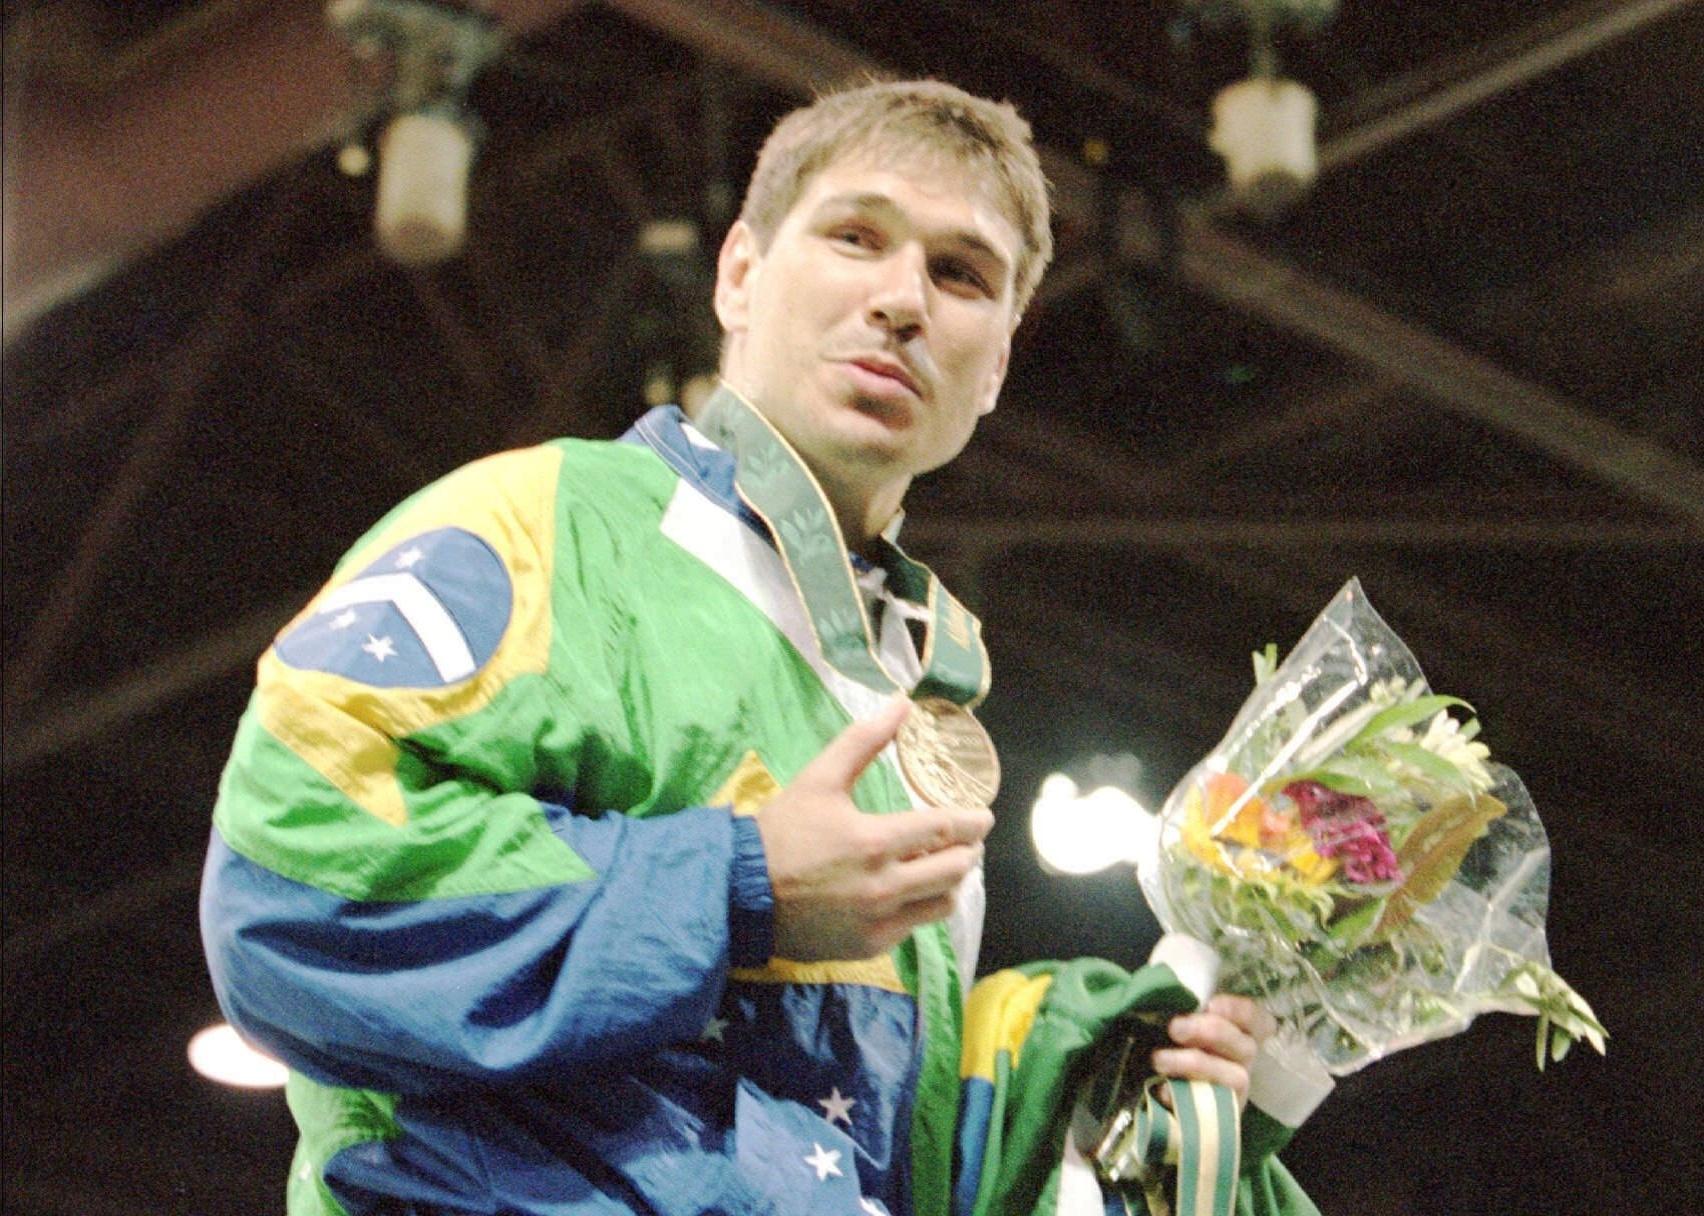 Judoca Aurélio Miguel conquista a medalha de bronze nos Jogos Olímpicos de Atlanta-1996